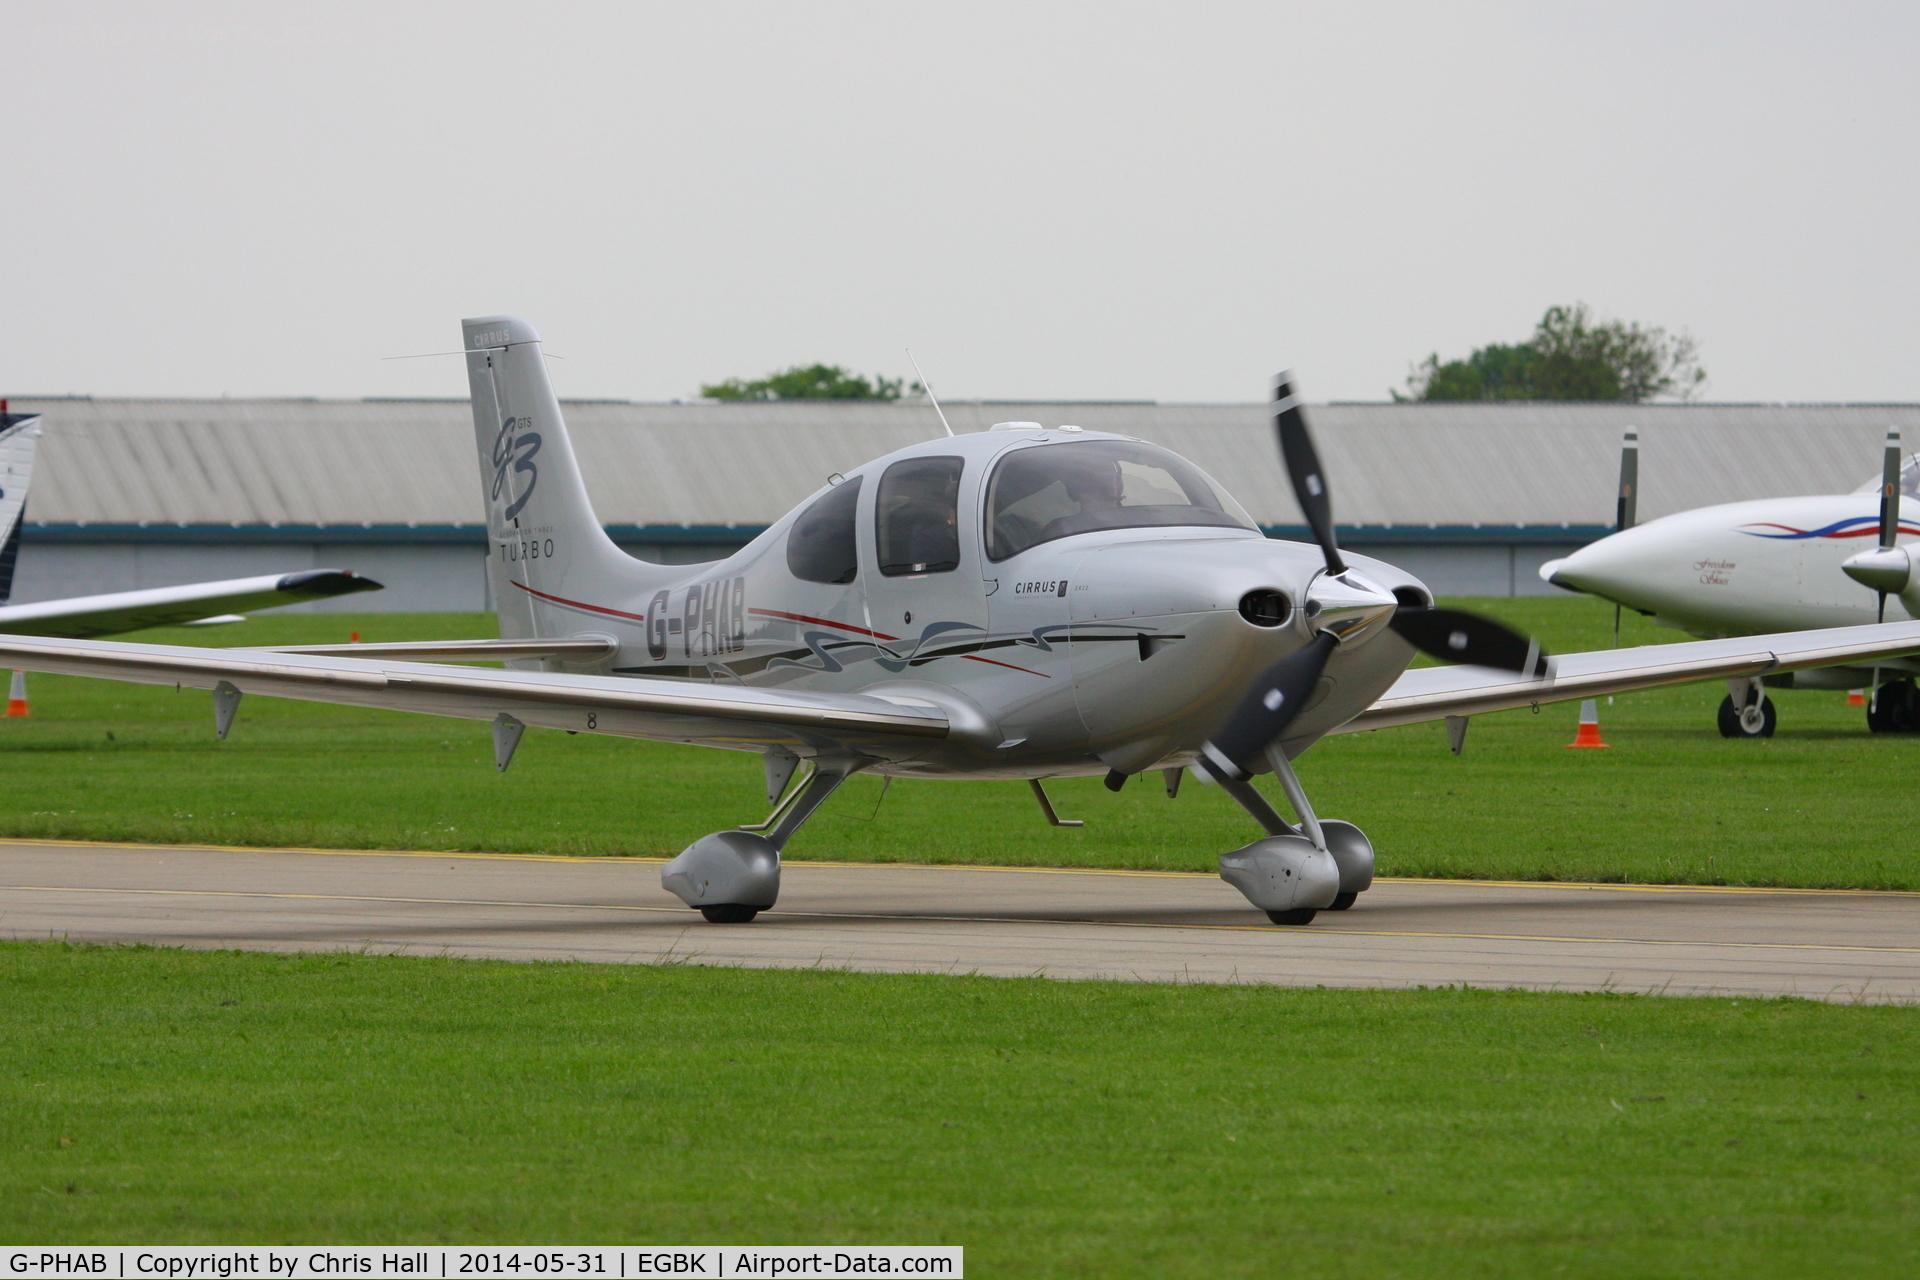 G-PHAB, 2007 Cirrus SR22 G3 Turbo C/N 2710, at AeroExpo 2014